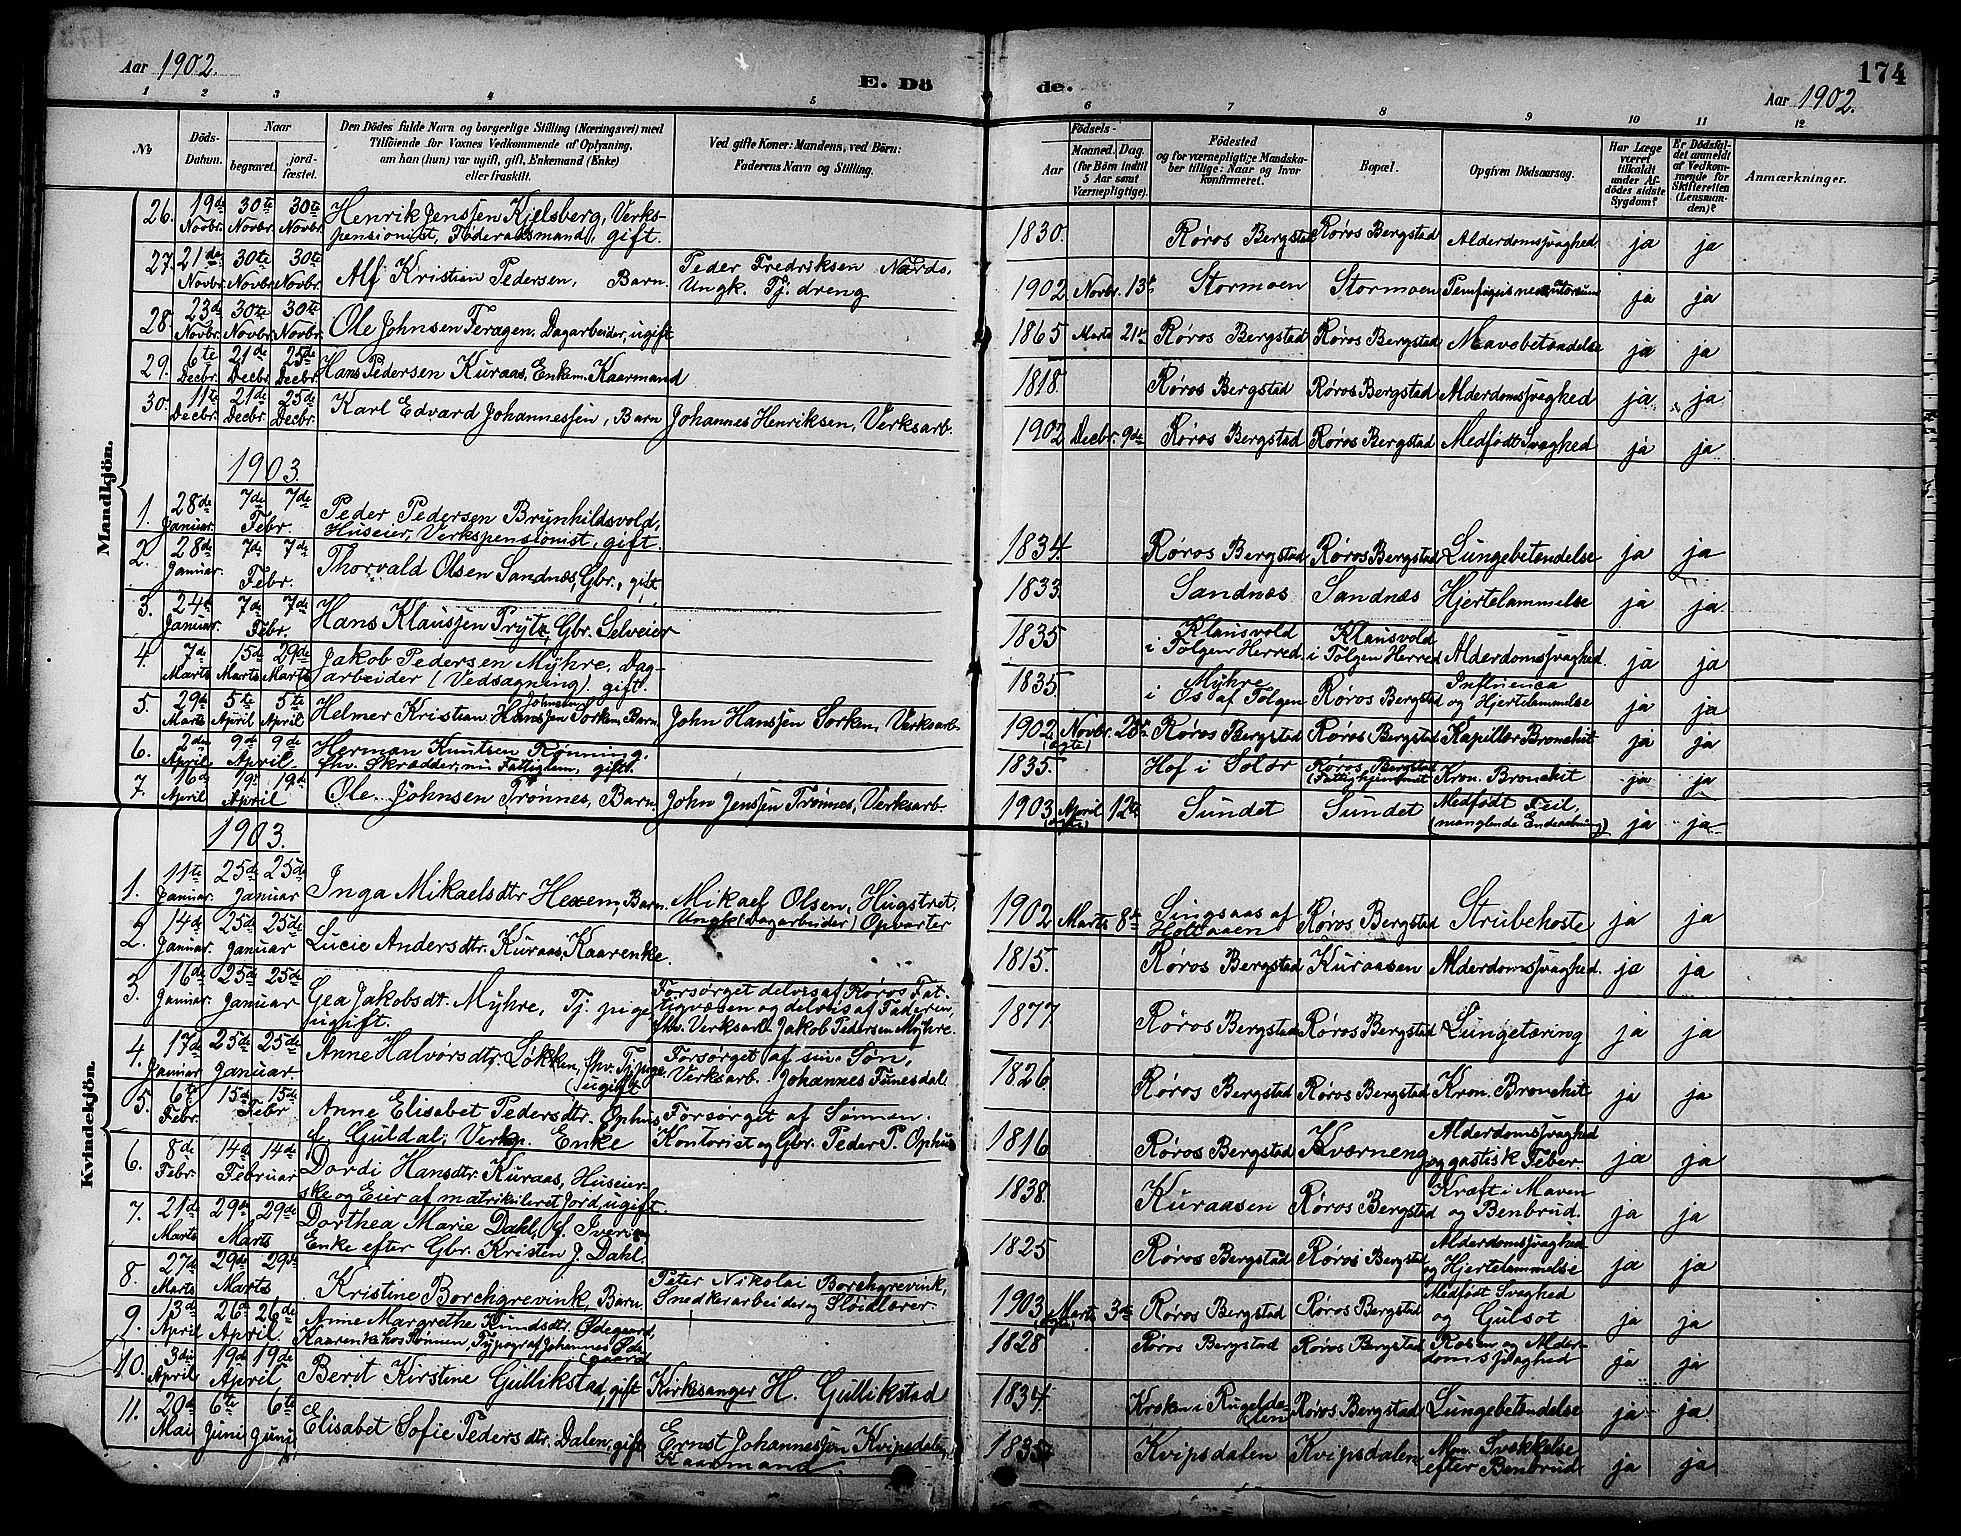 SAT, Ministerialprotokoller, klokkerbøker og fødselsregistre - Sør-Trøndelag, 681/L0941: Klokkerbok nr. 681C05, 1896-1905, s. 174